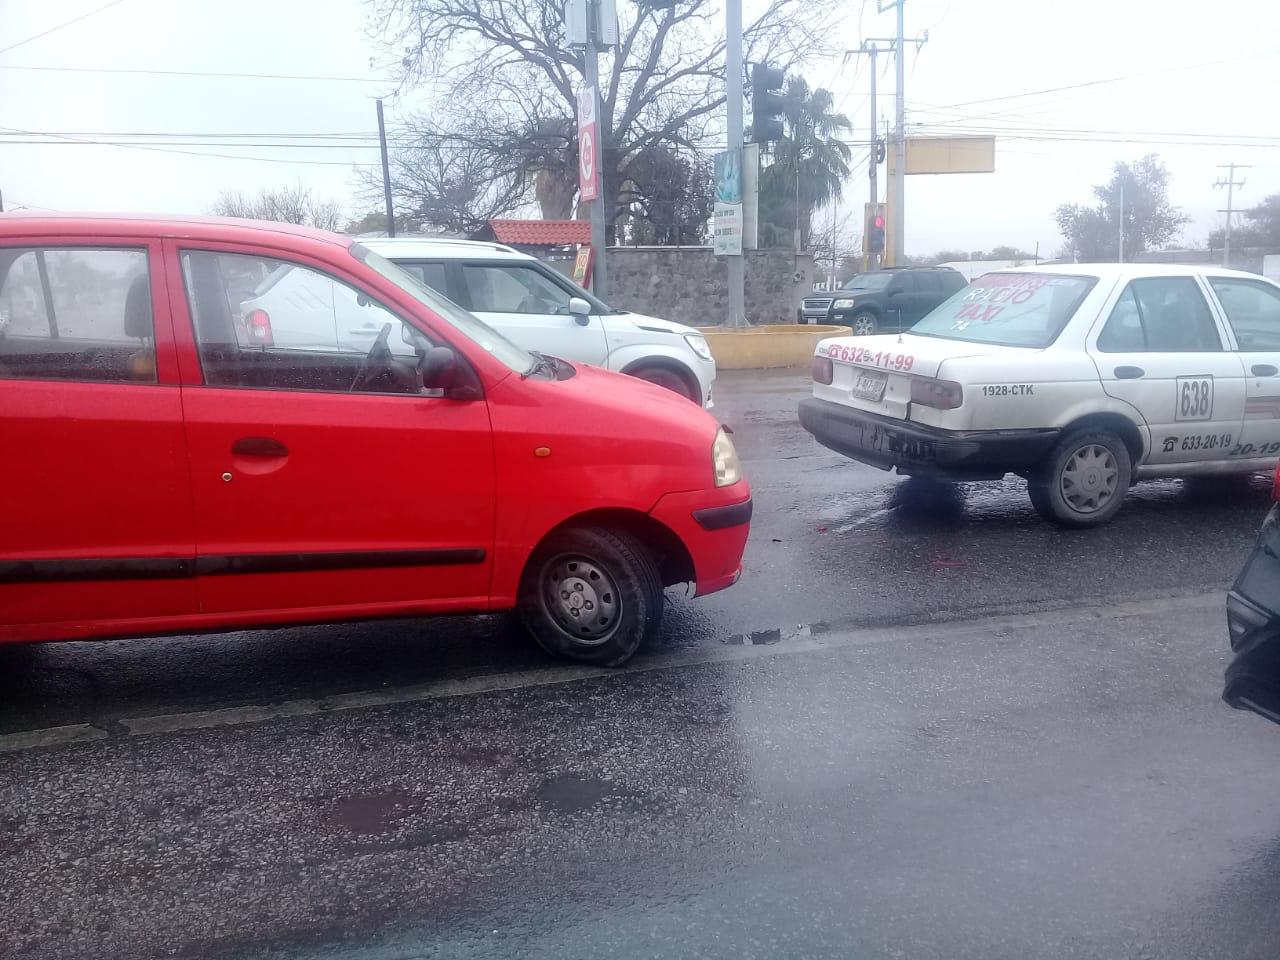 Le da llegue a taxi en el Pape en Monclova